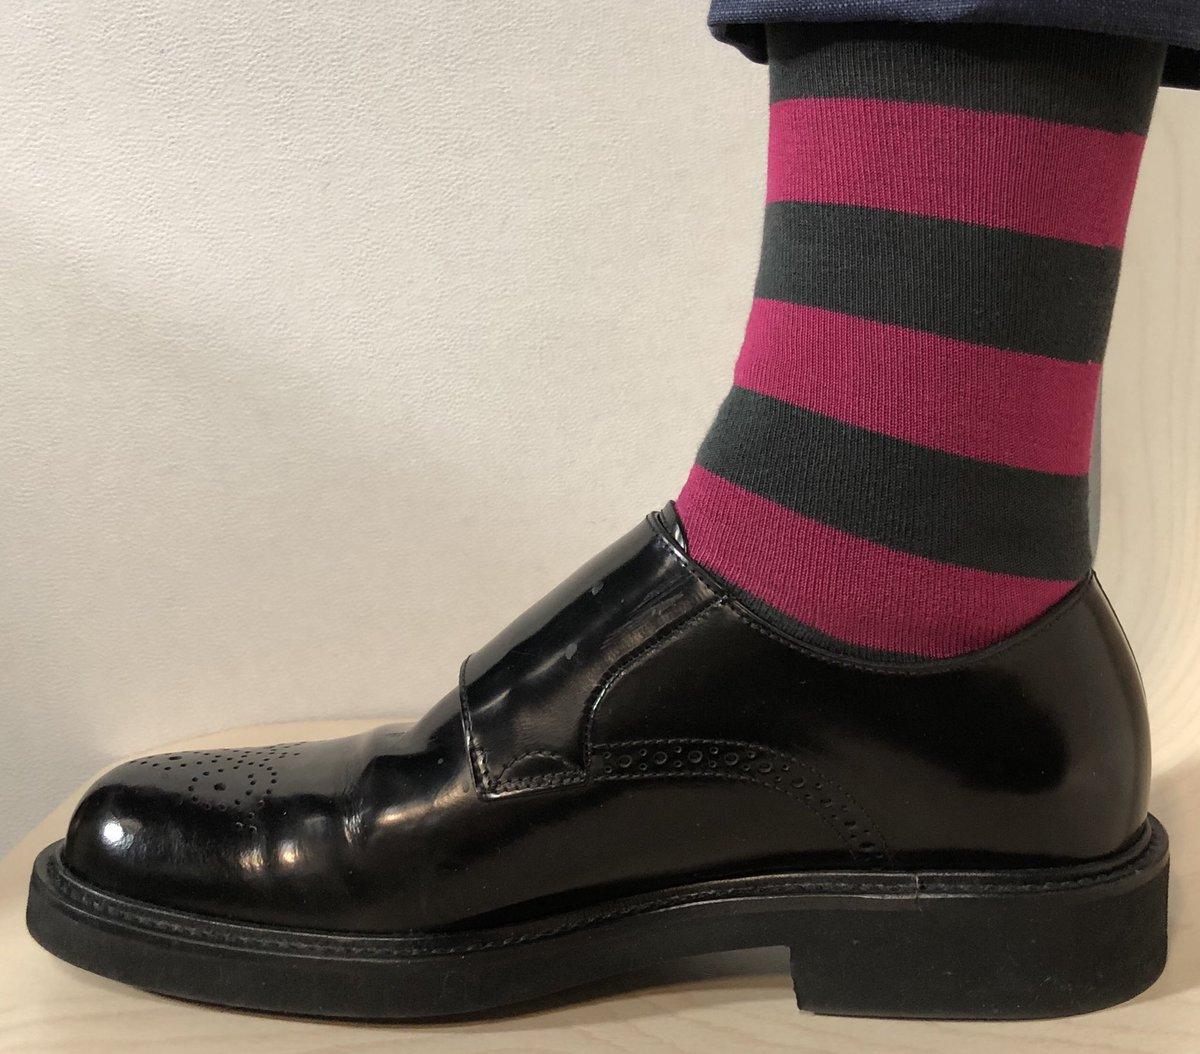 Les comparto #Losdehoy #miercoles #socks #lopezdoriga #joaquin #INCLUSION